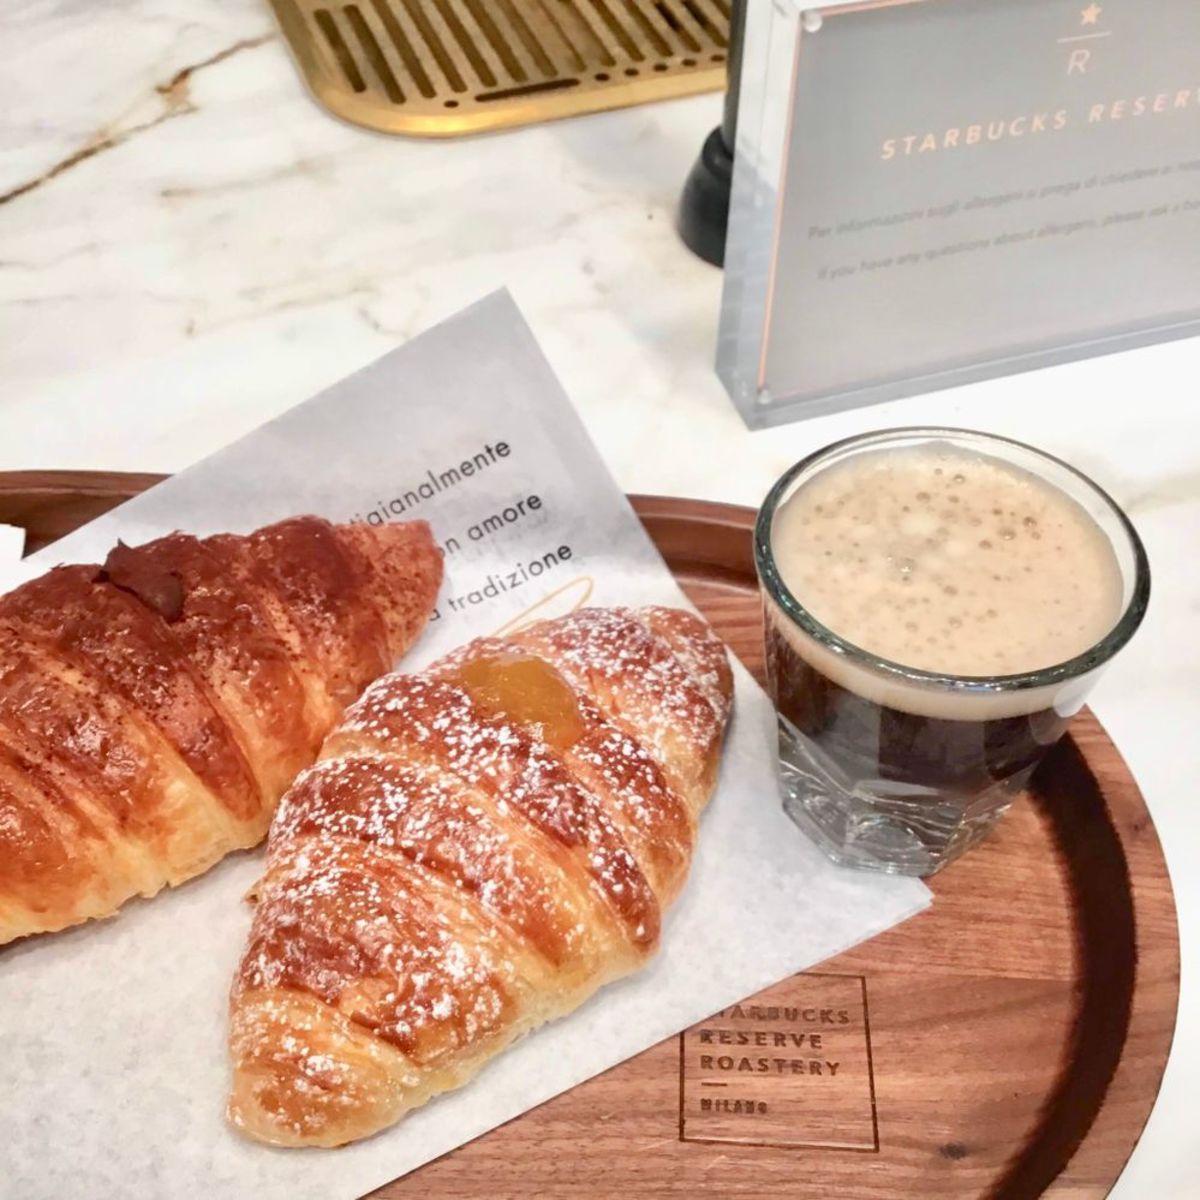 Italian breakfast at Starbucks